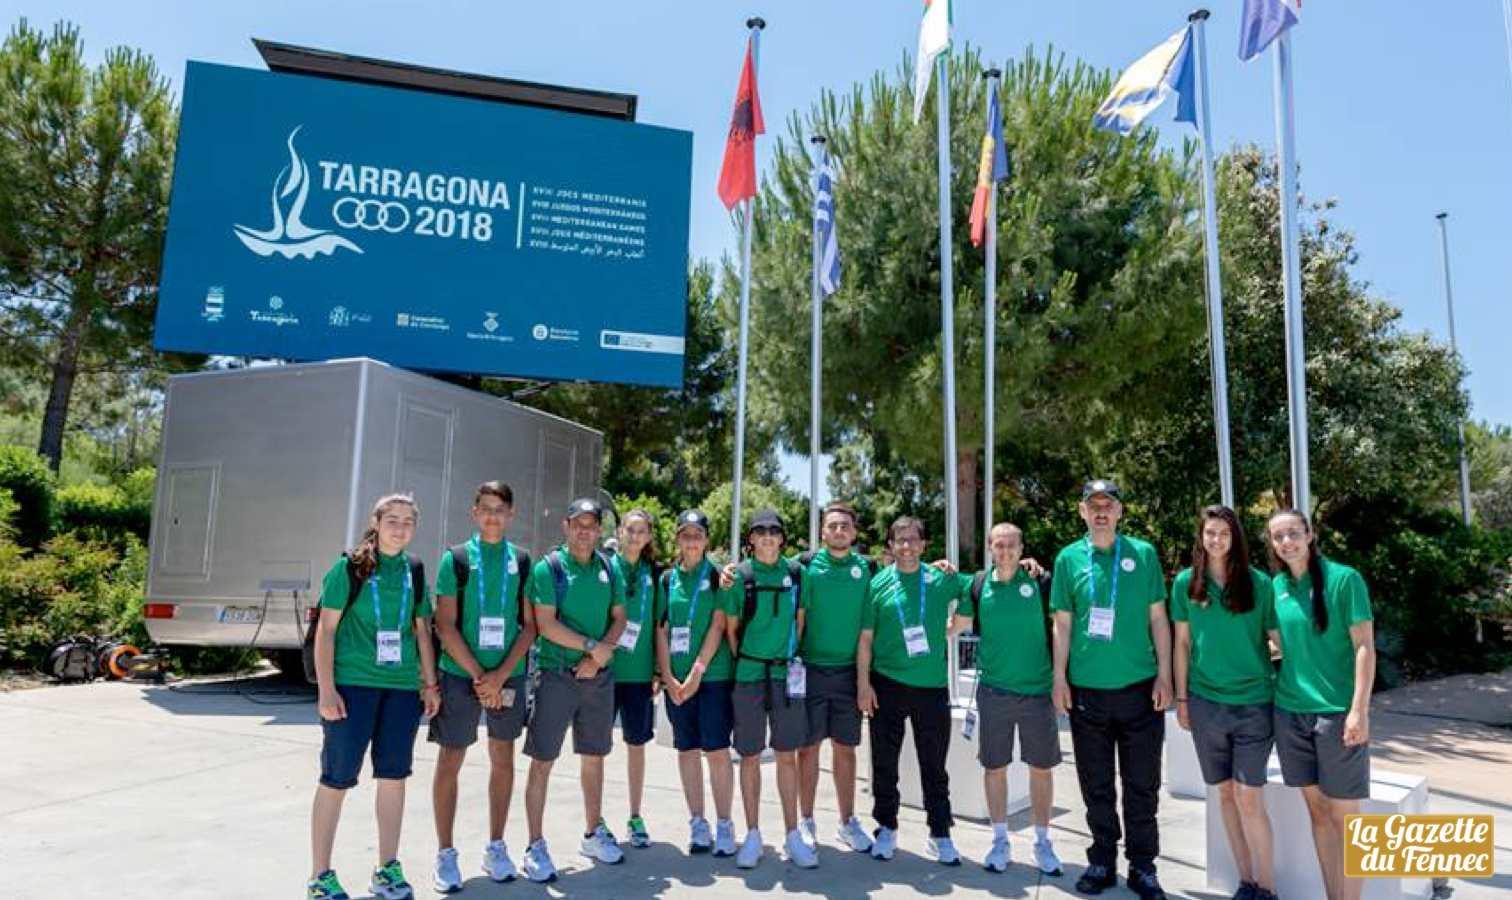 delegation dz tarragone 2018